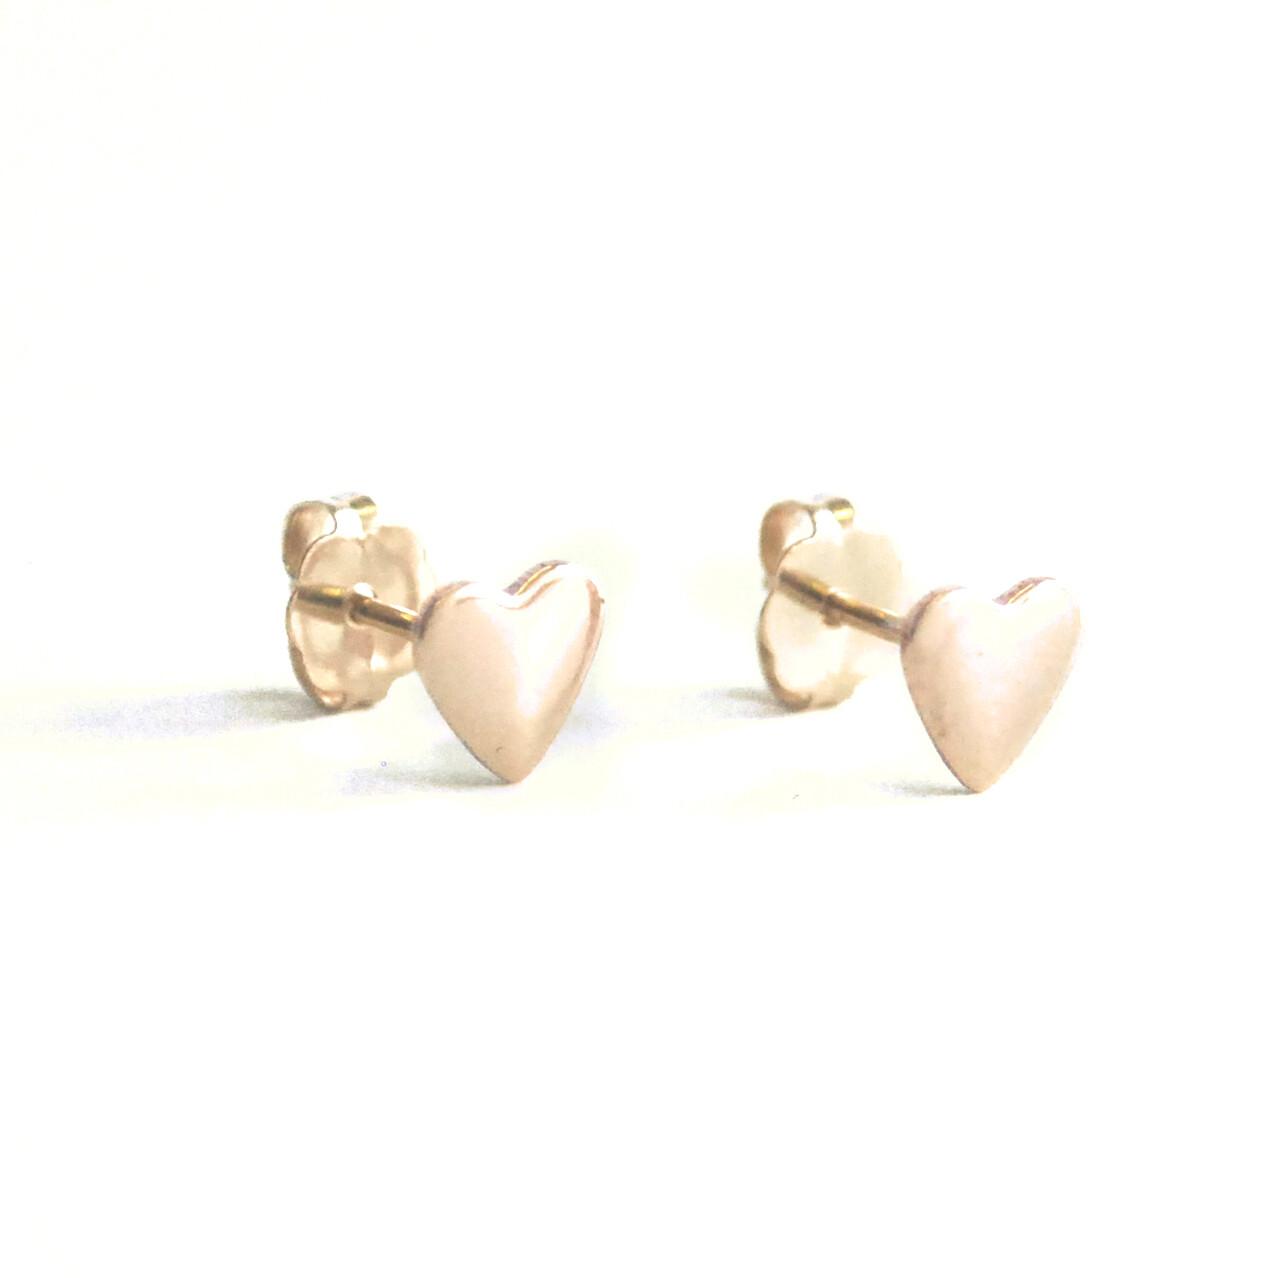 Tiny Heart Posts